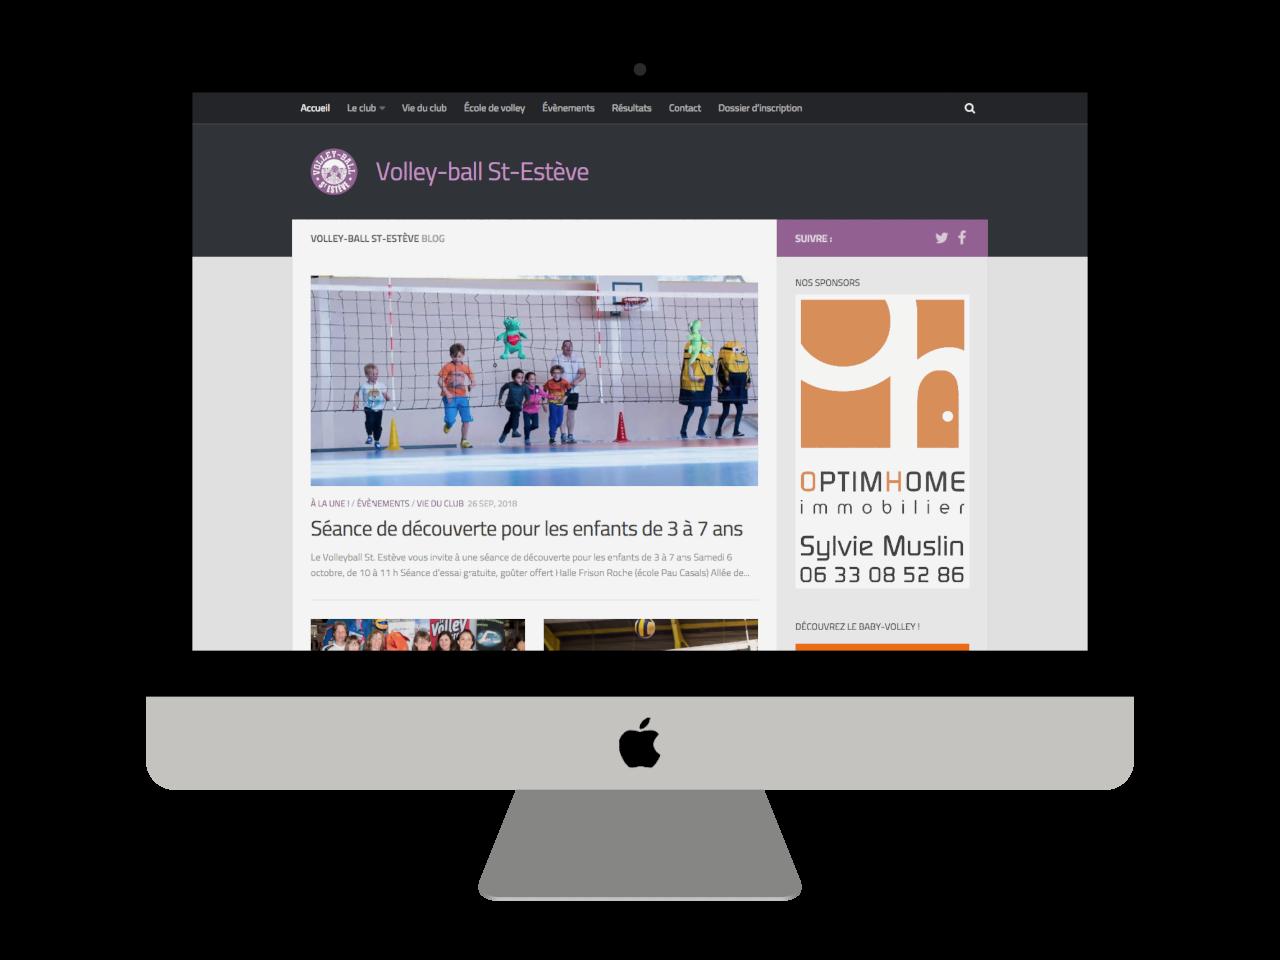 Micraux, nos clients sont nos meilleurs ambassadeurs : vue adaptative sur ordinateur à grand écran pour Volley-Ball Saint-Estève